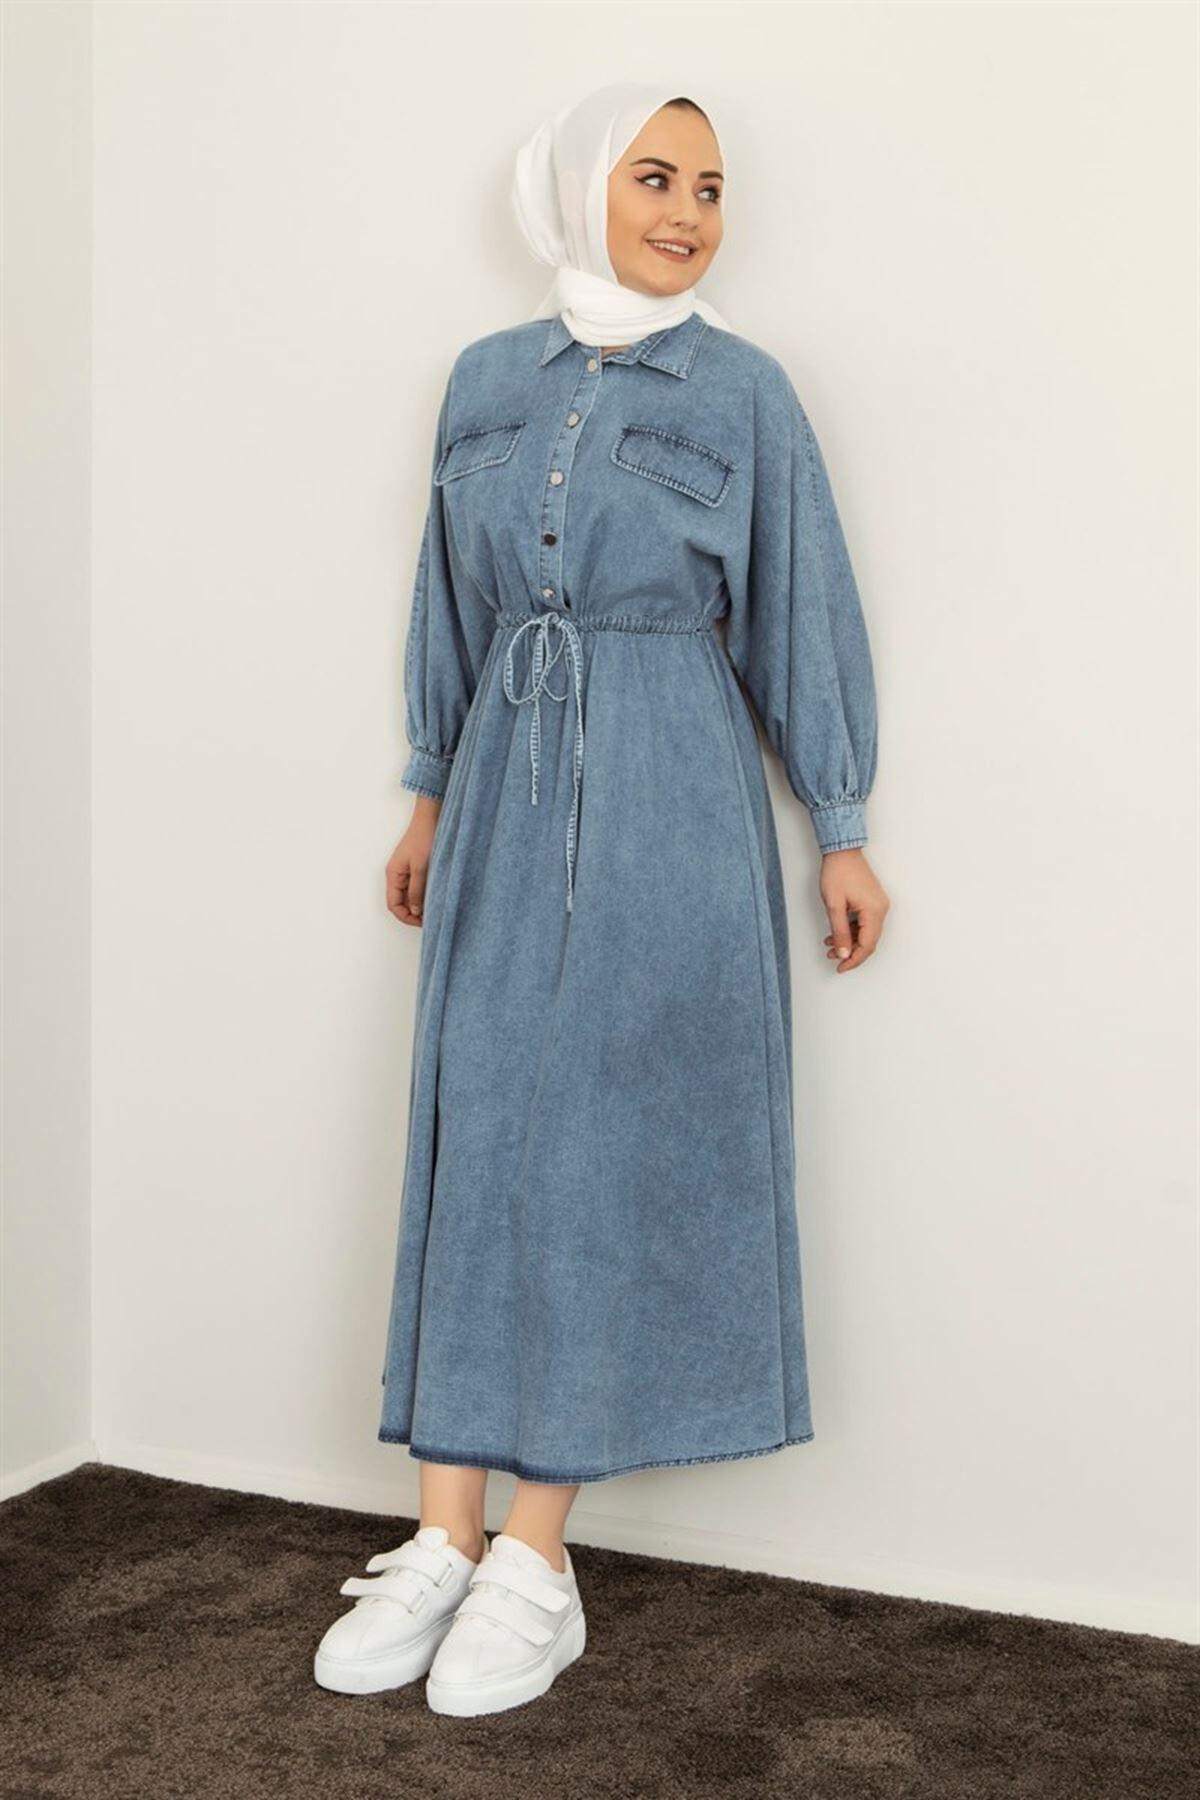 Kadın Belden Bağcıklı Kot Elbise - Mavi